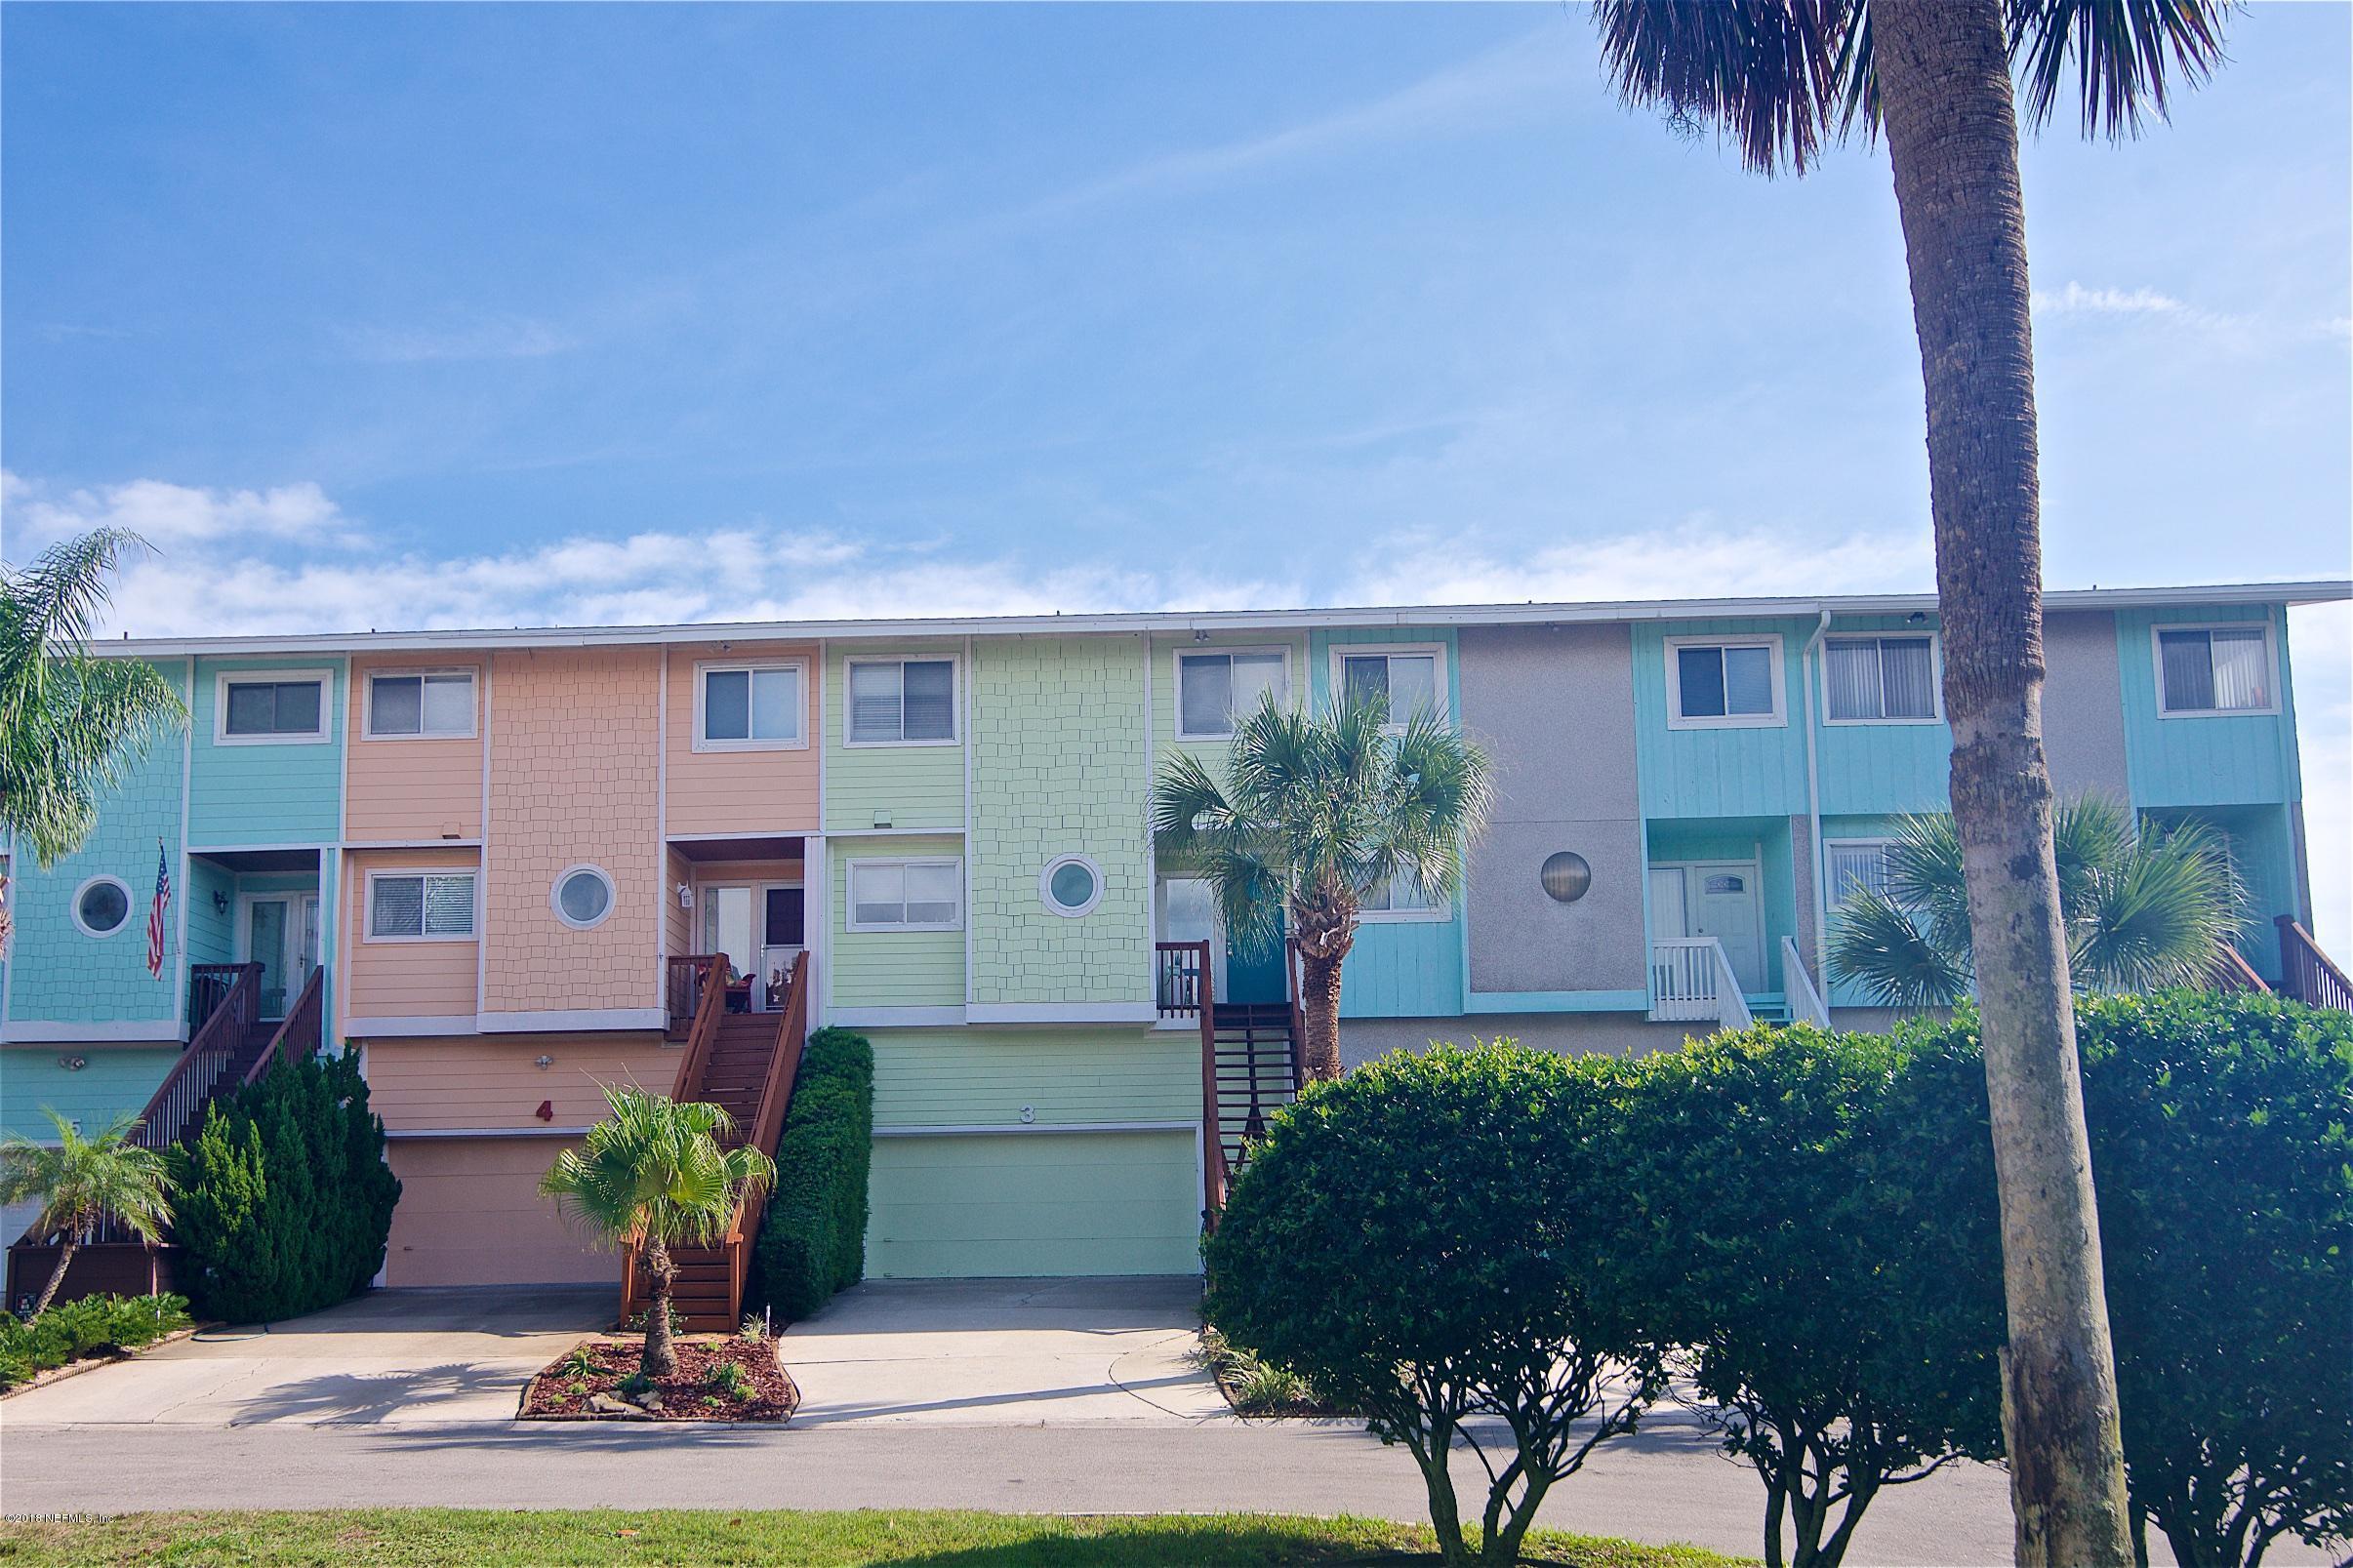 2279 SEMINOLE, ATLANTIC BEACH, FLORIDA 32233, 4 Bedrooms Bedrooms, ,3 BathroomsBathrooms,Residential - single family,For sale,SEMINOLE,966502